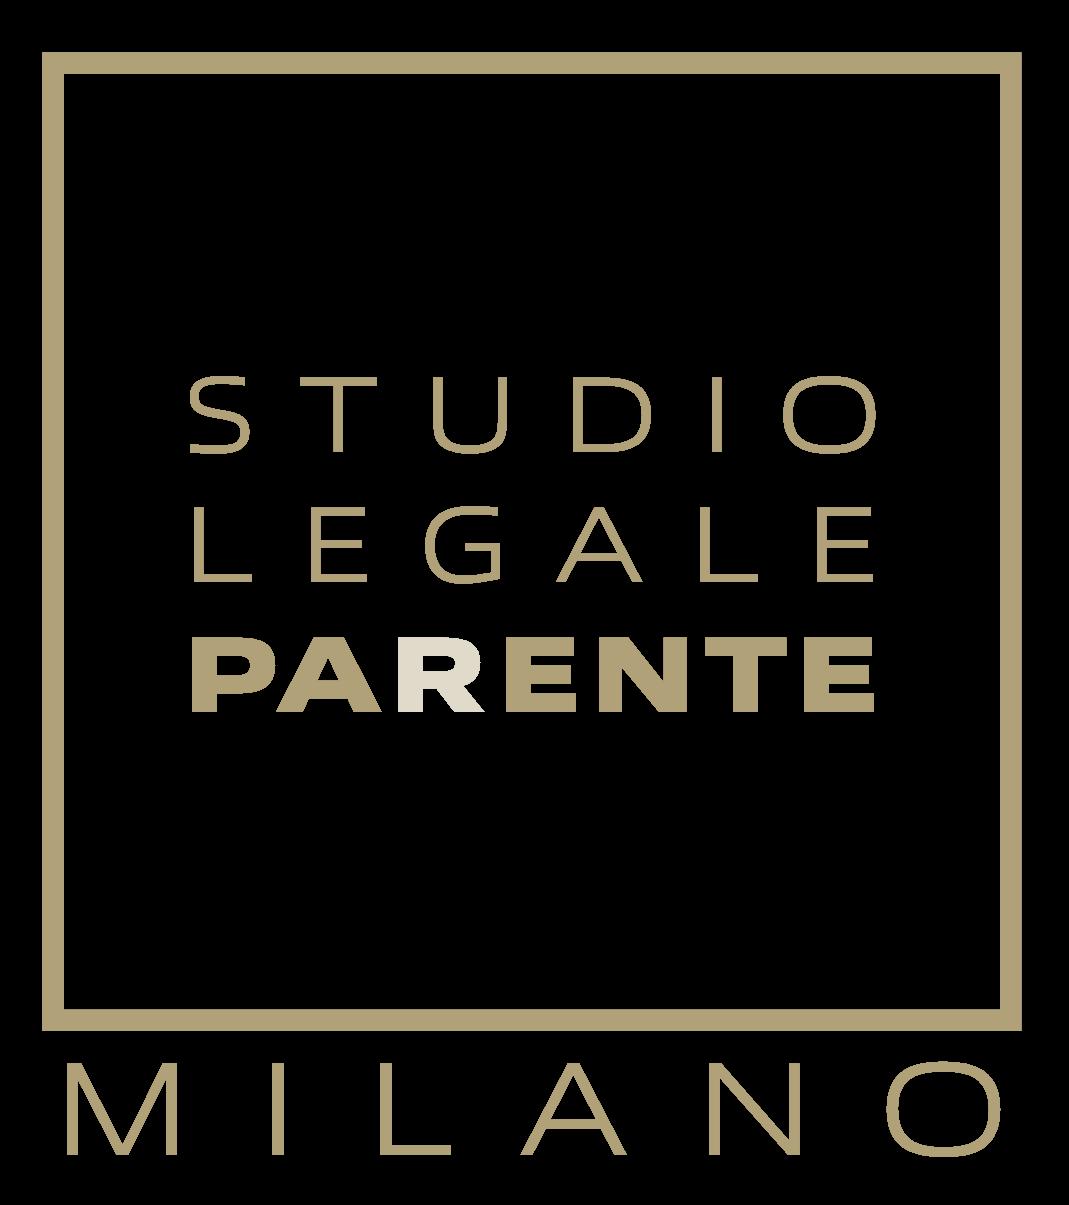 Studio legale Parente